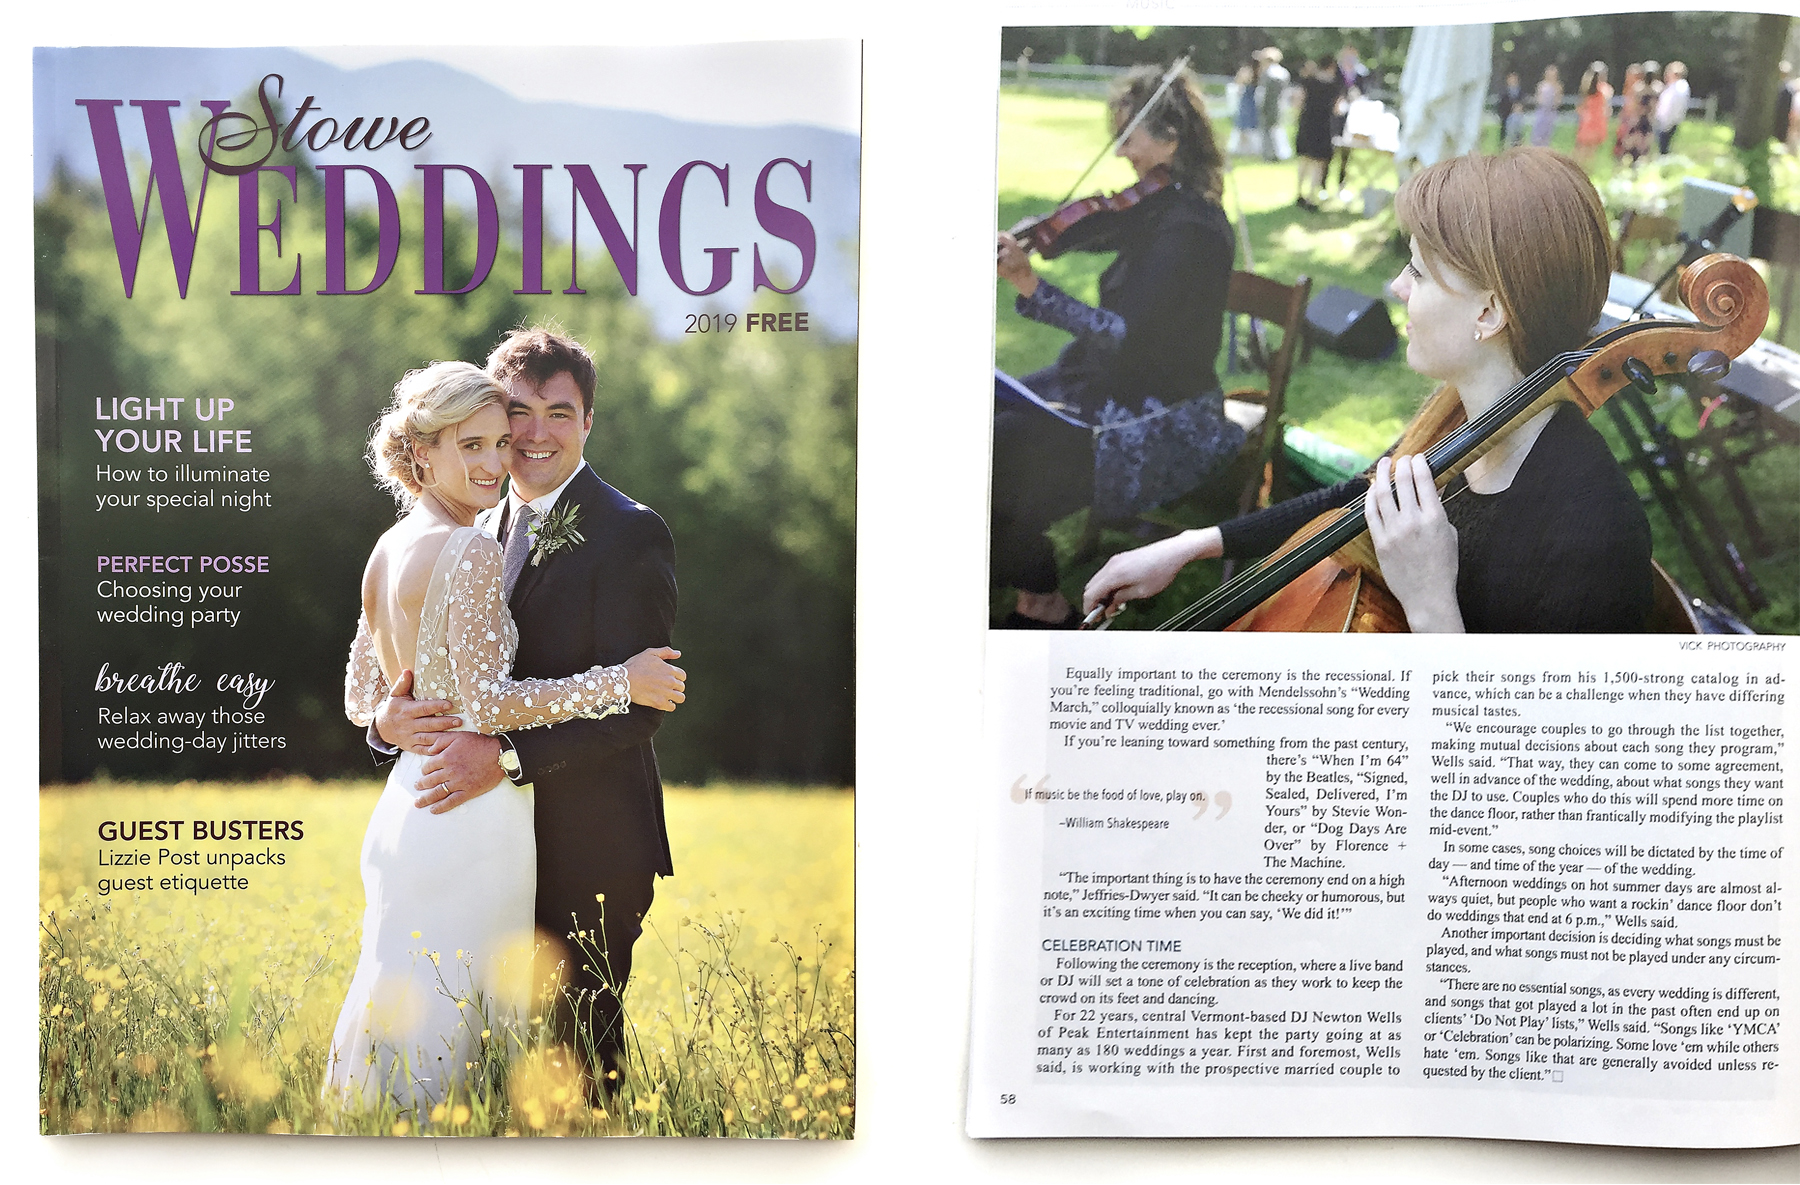 2019 STOWE WEDDINGS MAGAZINE -